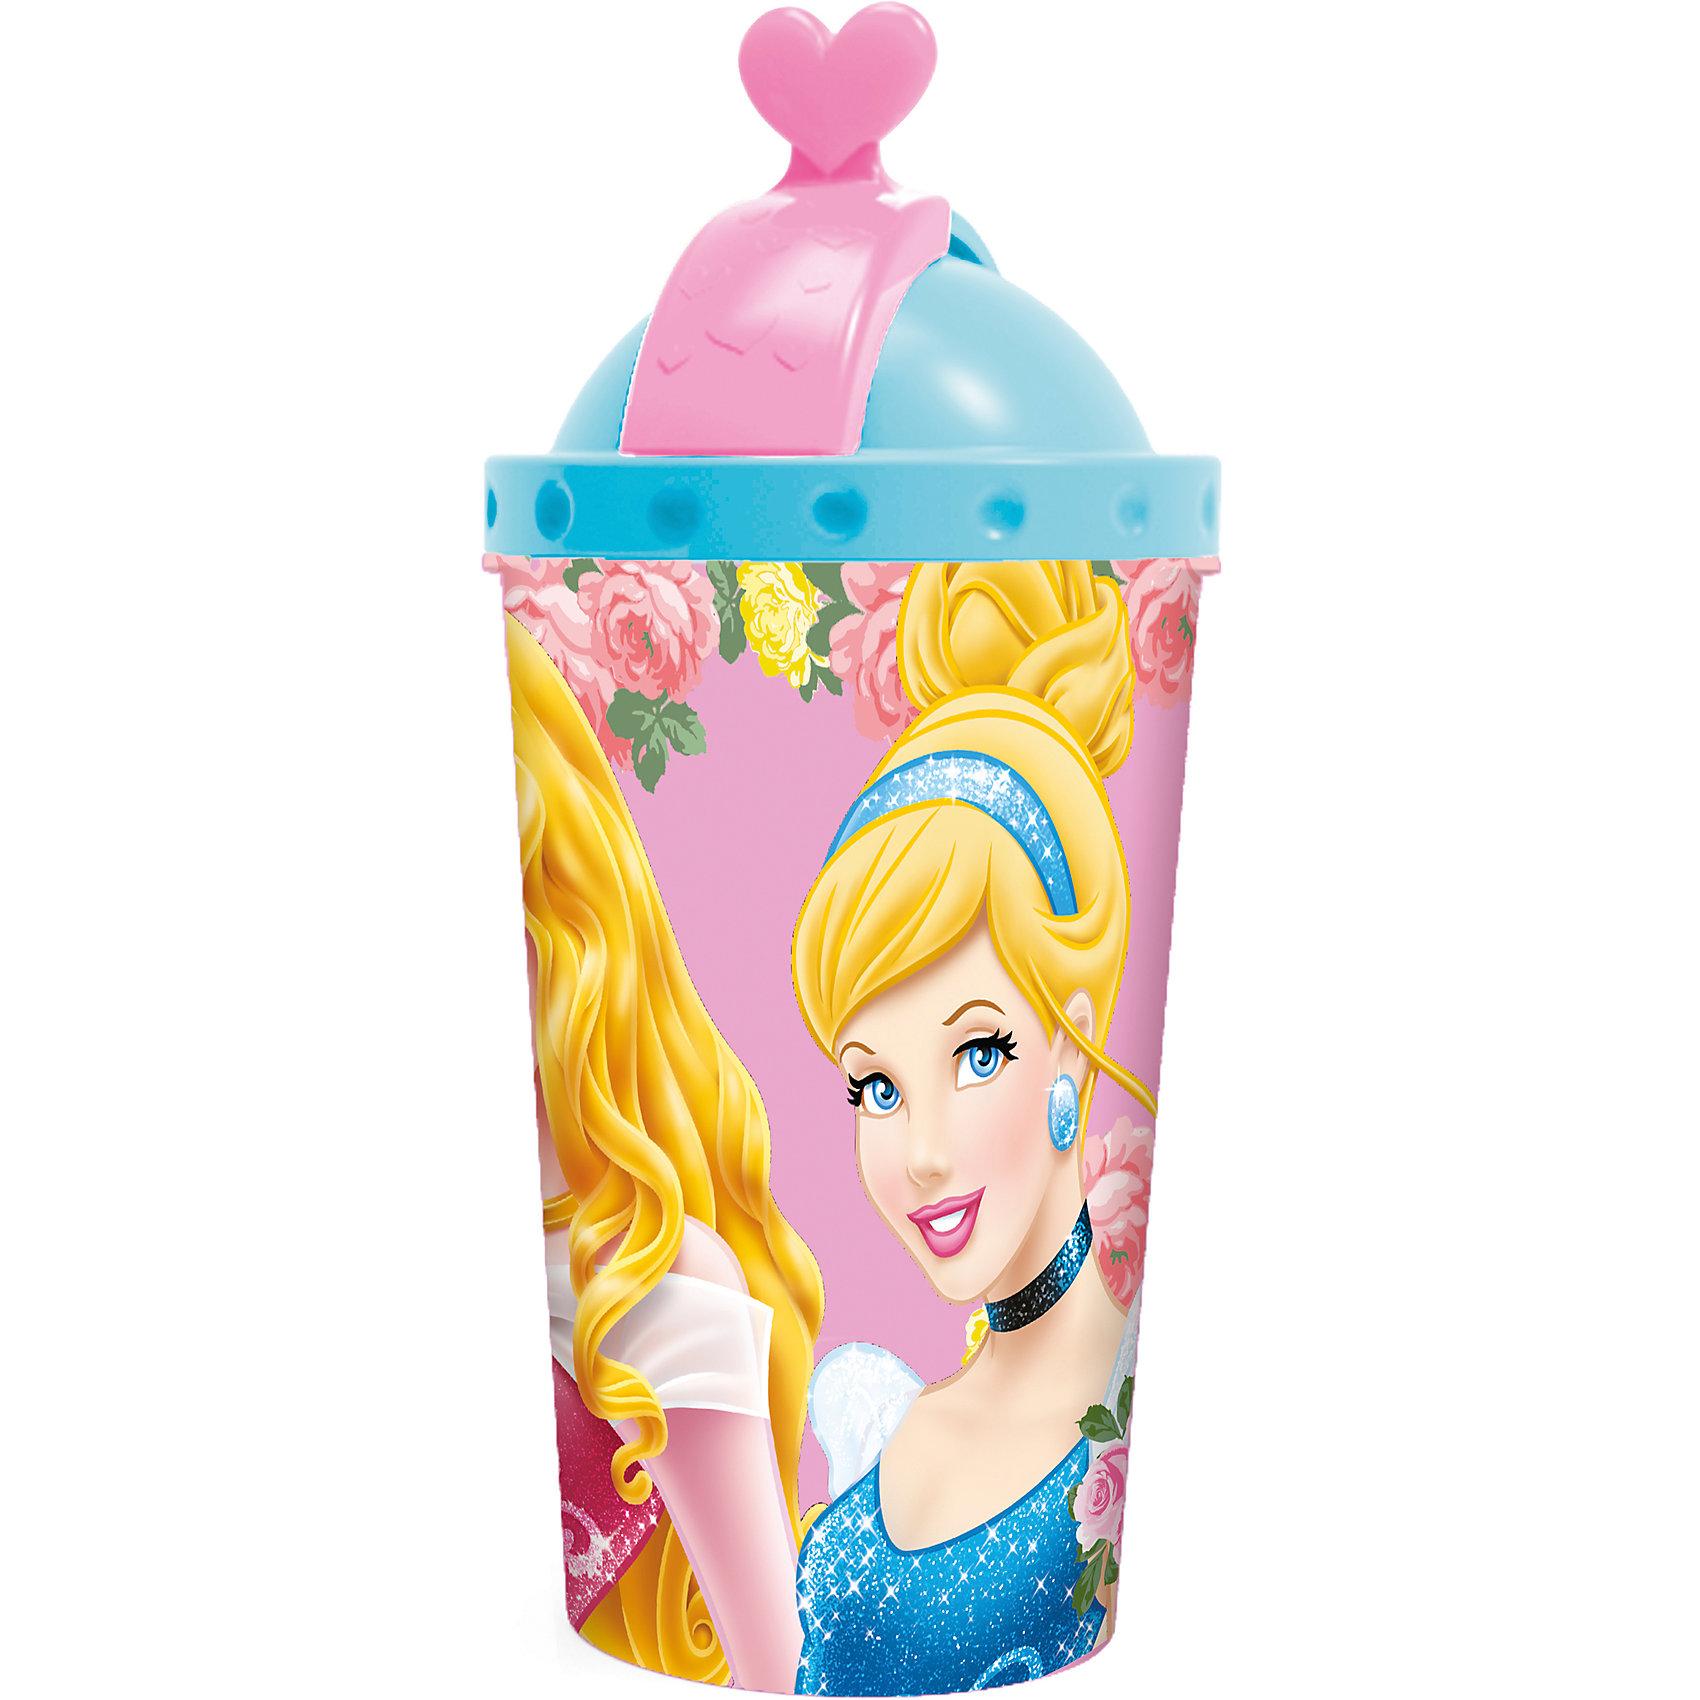 Фляга с крышкой и трубочкой, 450 мл, Принцессы ДиснейПринцессы Дисней<br>Фляга с крышкой и трубочкой - удобный и практичный вариант для поездок, путешествий и активного отдыха. Фляга украшена ярким изображением любимиц всех девочек, Disney Princess, выполнена из высококачественного пищевого пластика. Гибкая пластиковая трубочка закрывается крышкой, что исключает протекание и загрязнение. Пластиковая посуда удобна и практична, ее можно брать с собой куда угодно, не беспокоясь о том, что она может разбиться и поранить ребенка. <br><br>Дополнительная информация:<br><br>- Материал: пластик.<br>- Объем: 450 мл.<br>- Удобная крышка. <br><br>Флягу с крышкой и трубочкой, 450 мл, Принцессы Дисней, можно купить в нашем магазине.<br><br>Ширина мм: 83<br>Глубина мм: 83<br>Высота мм: 185<br>Вес г: 960<br>Возраст от месяцев: 36<br>Возраст до месяцев: 144<br>Пол: Женский<br>Возраст: Детский<br>SKU: 4761402